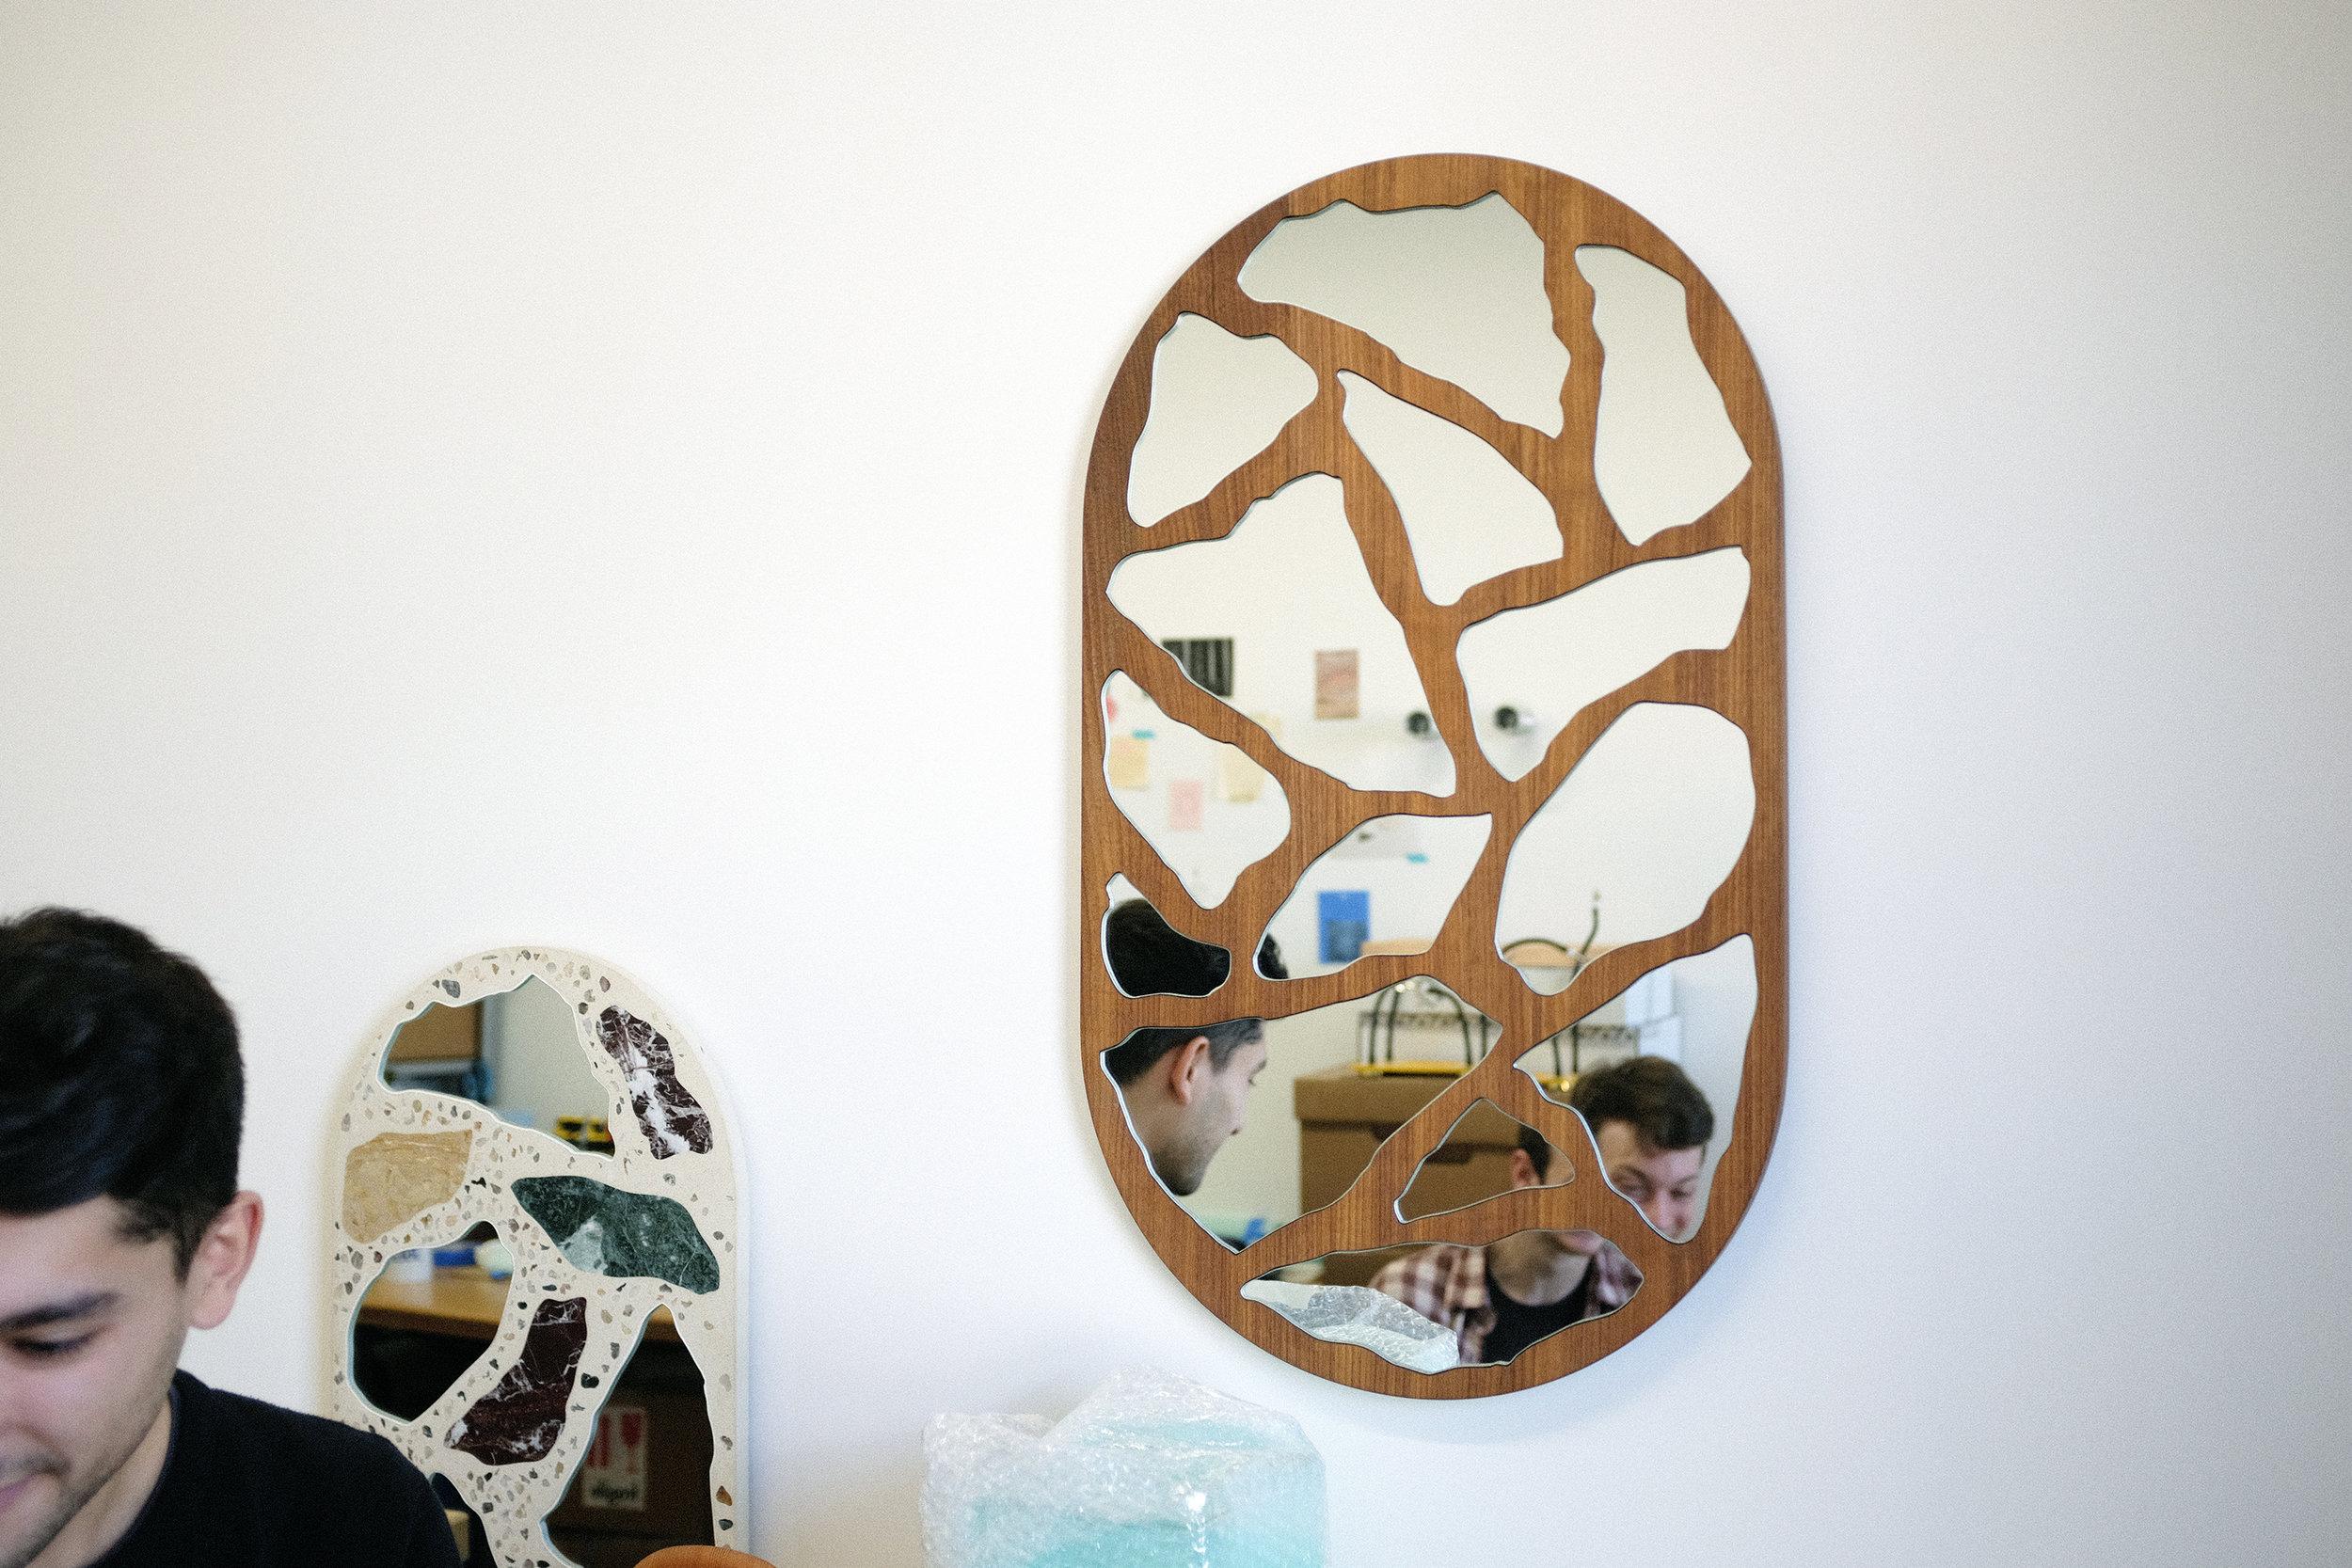 #3000 Mirror, Project No. 3